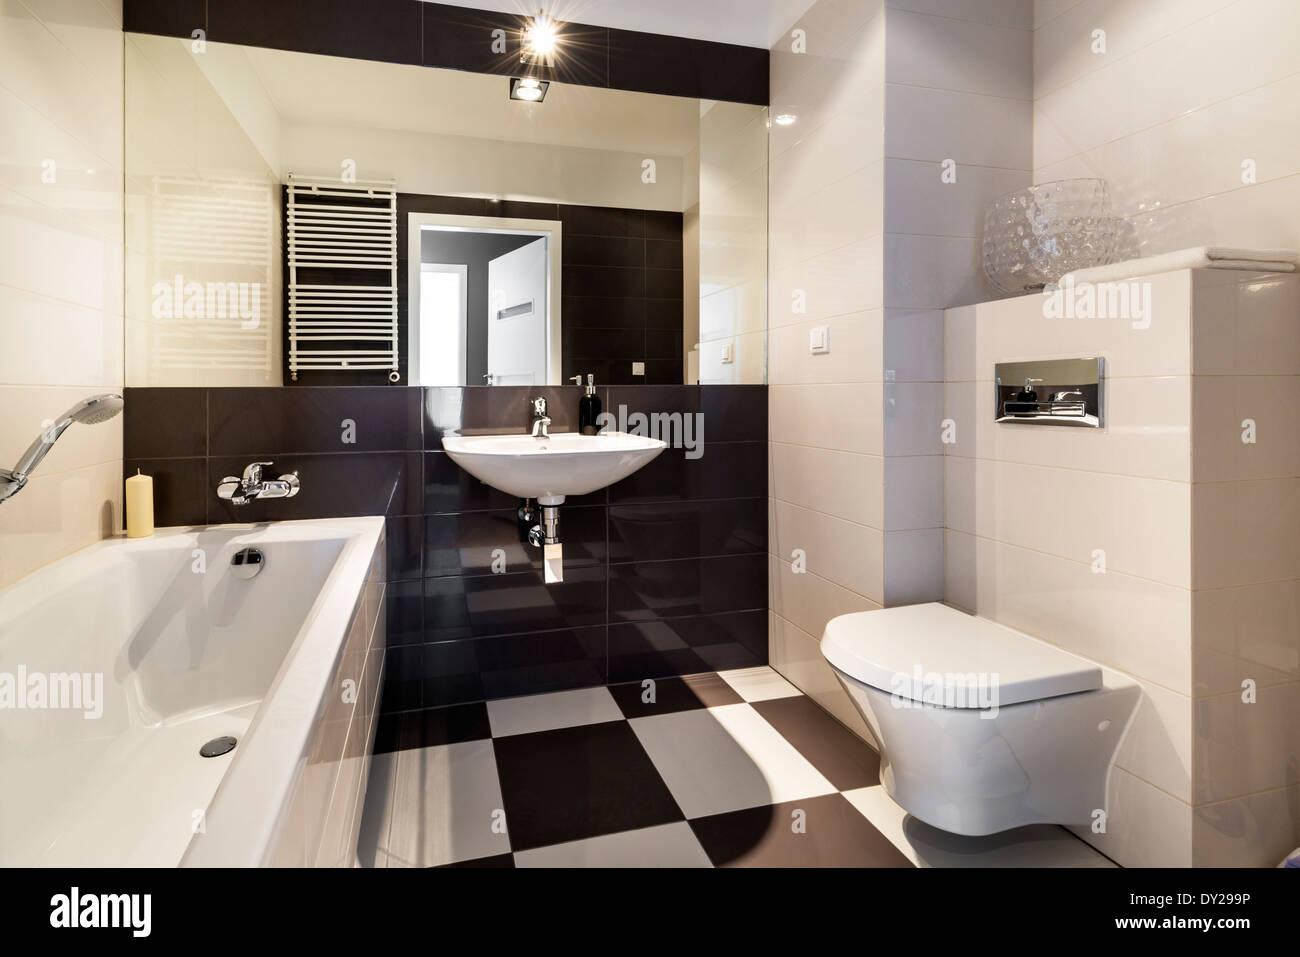 Bagno moderno interno classico con finiture in ceramica foto